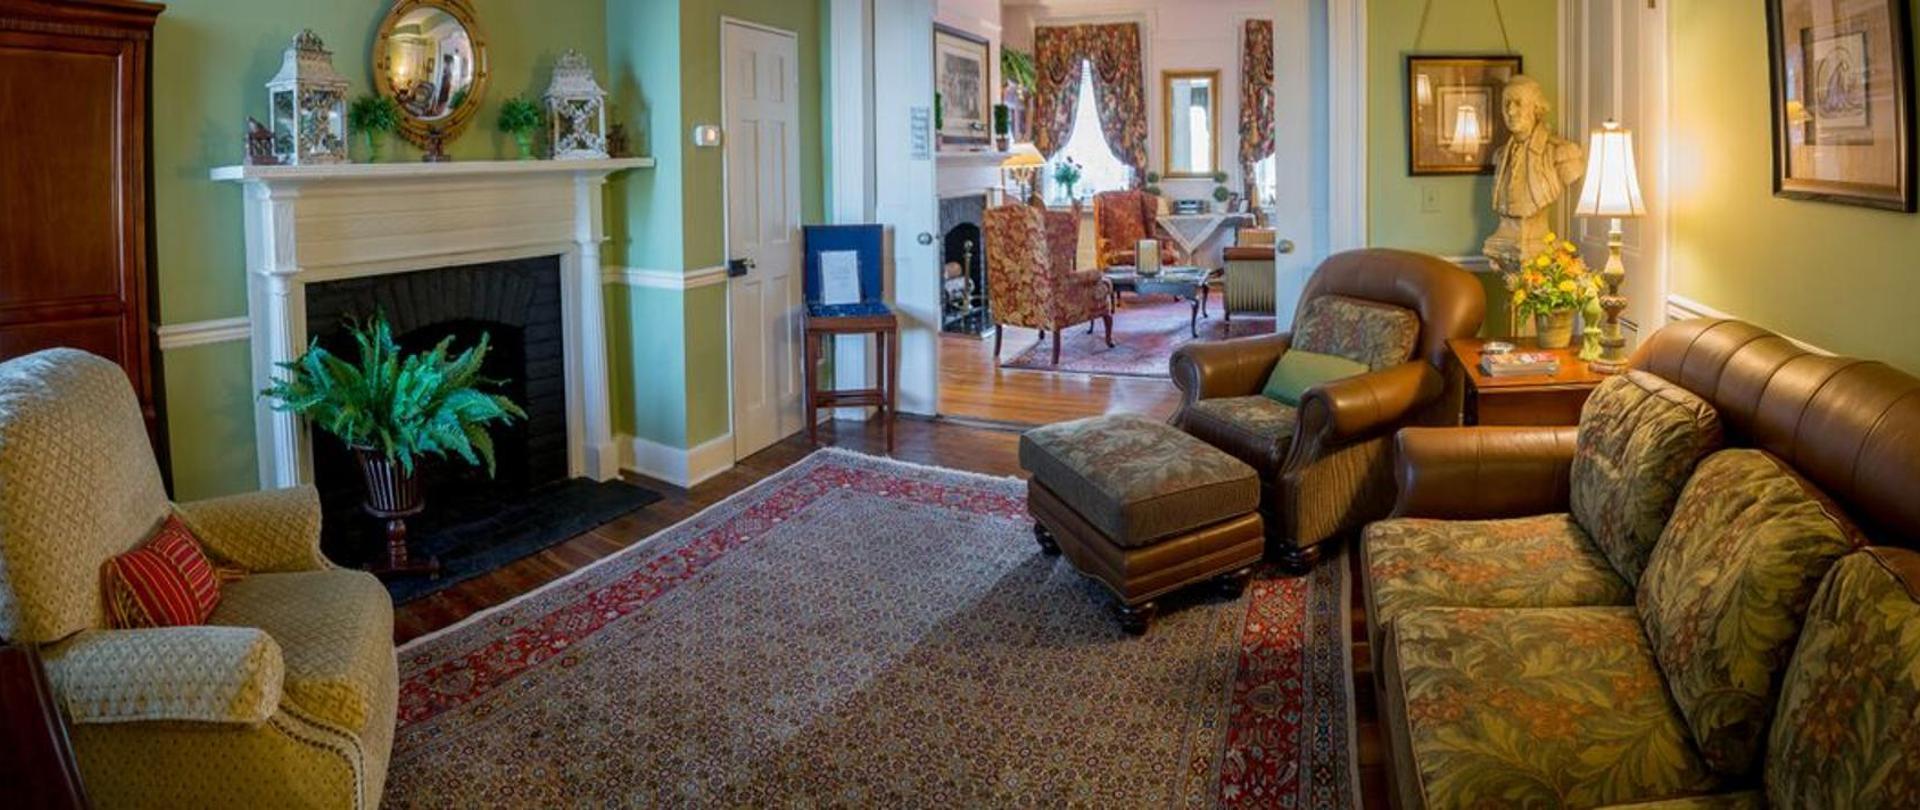 RJInn - Living Room.jpg